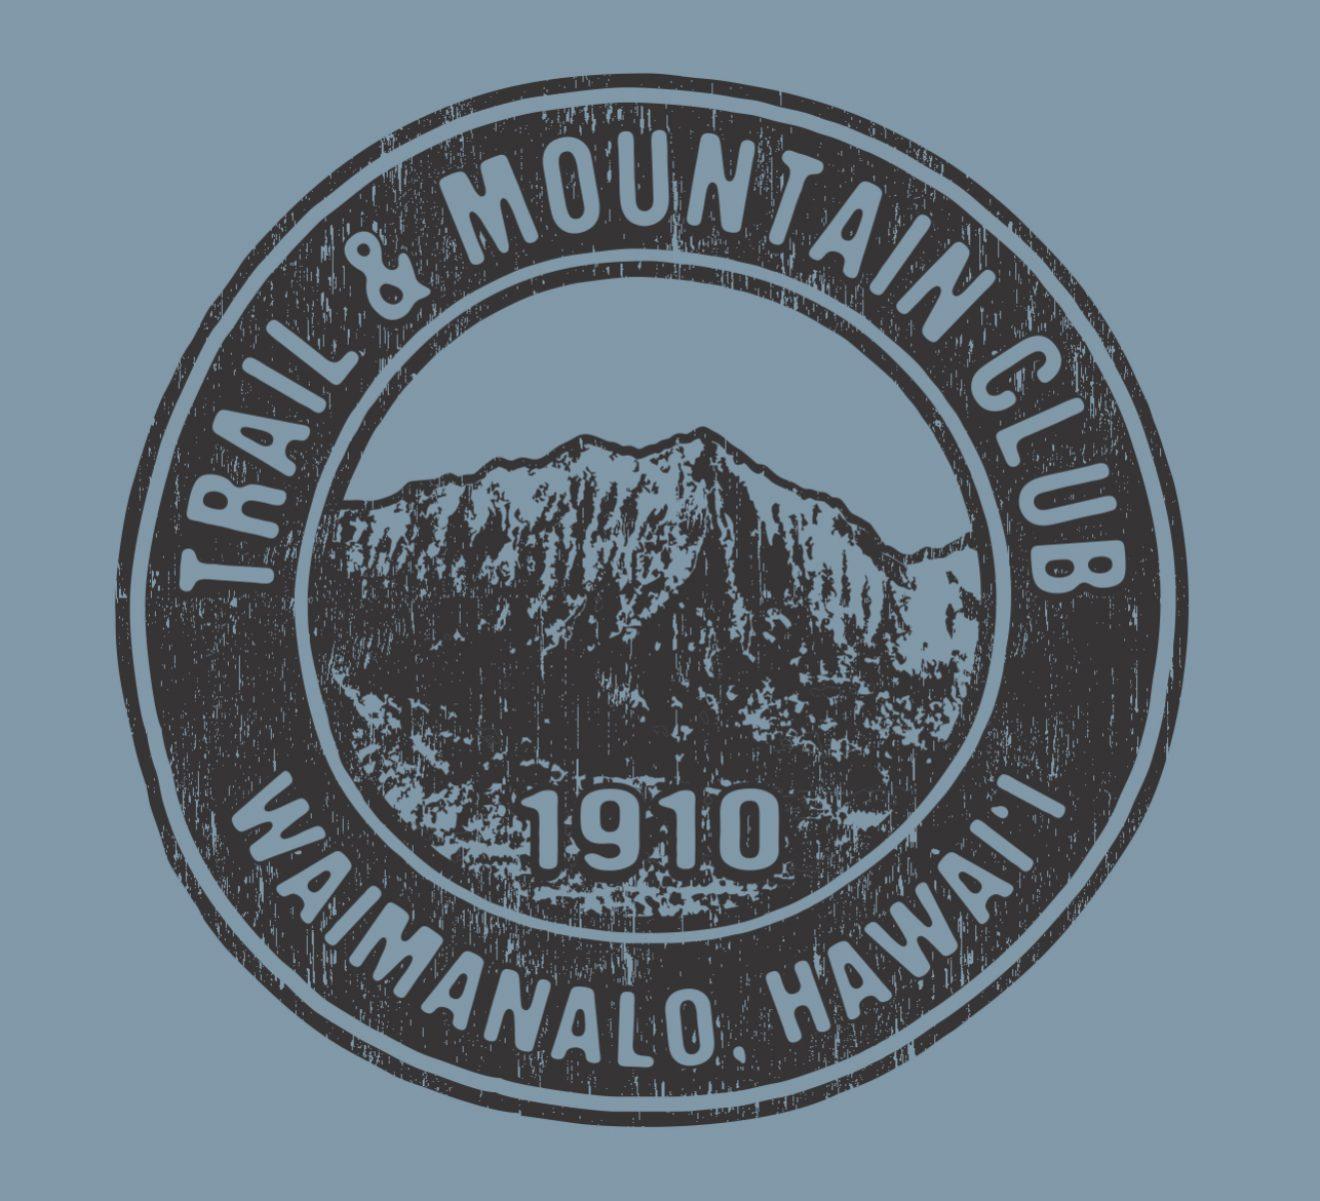 HSS2015_Trail and Mountain Club 3